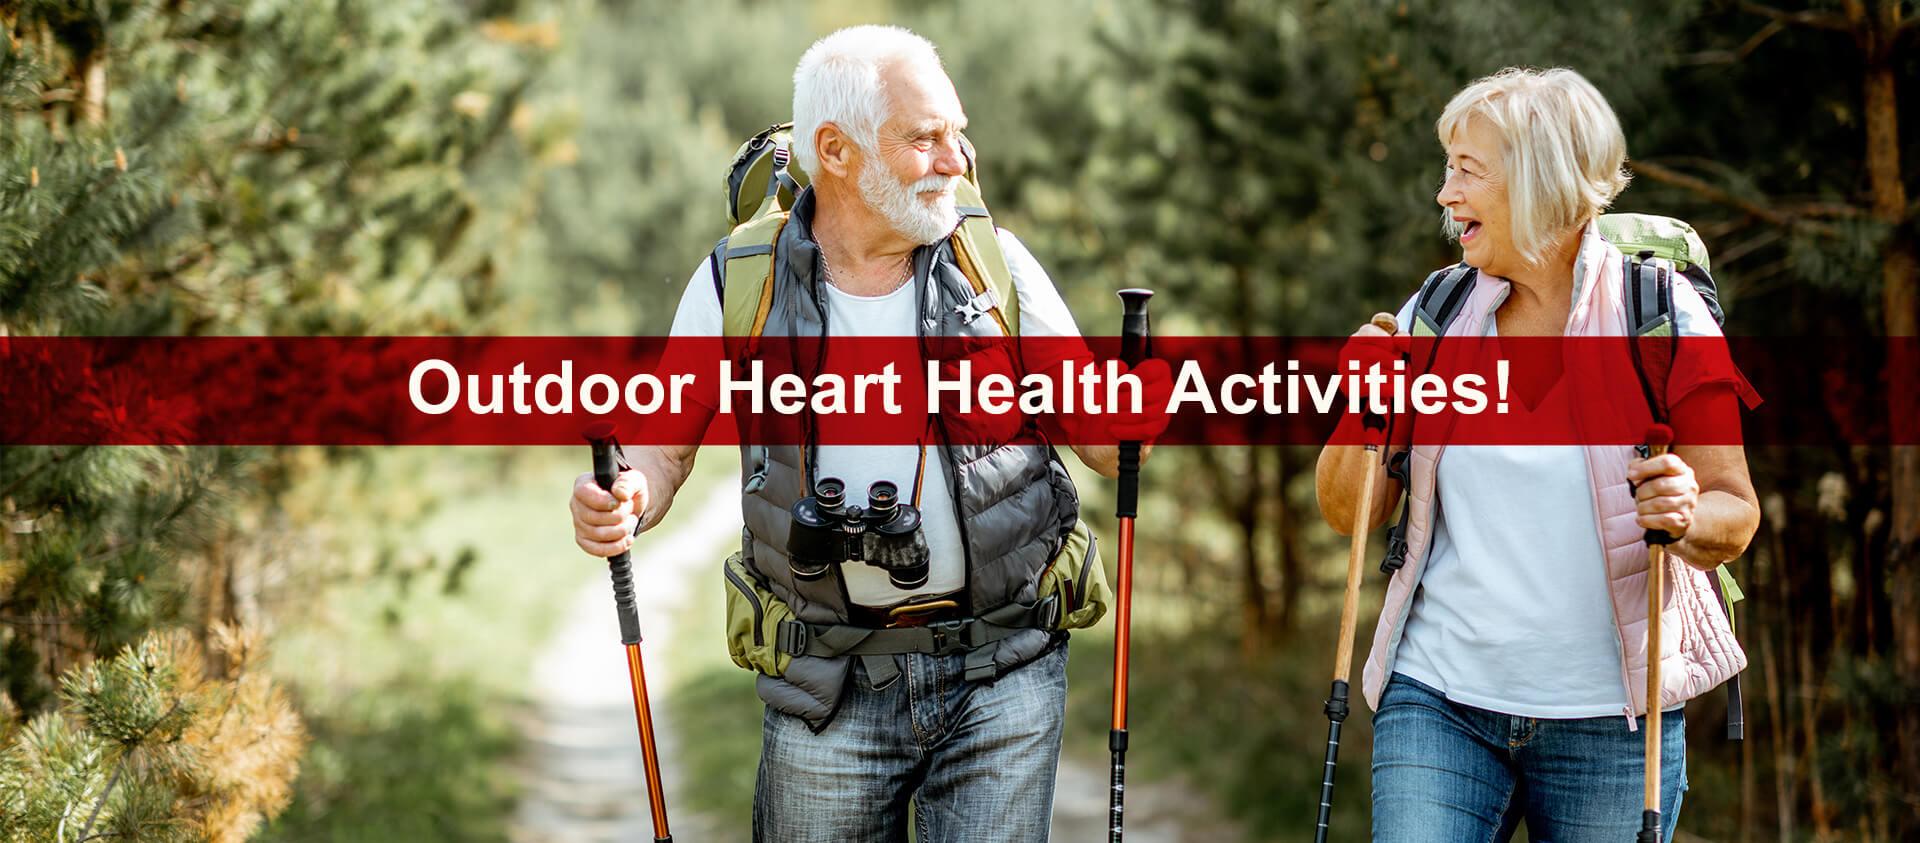 Outdoor Heart Health Activities